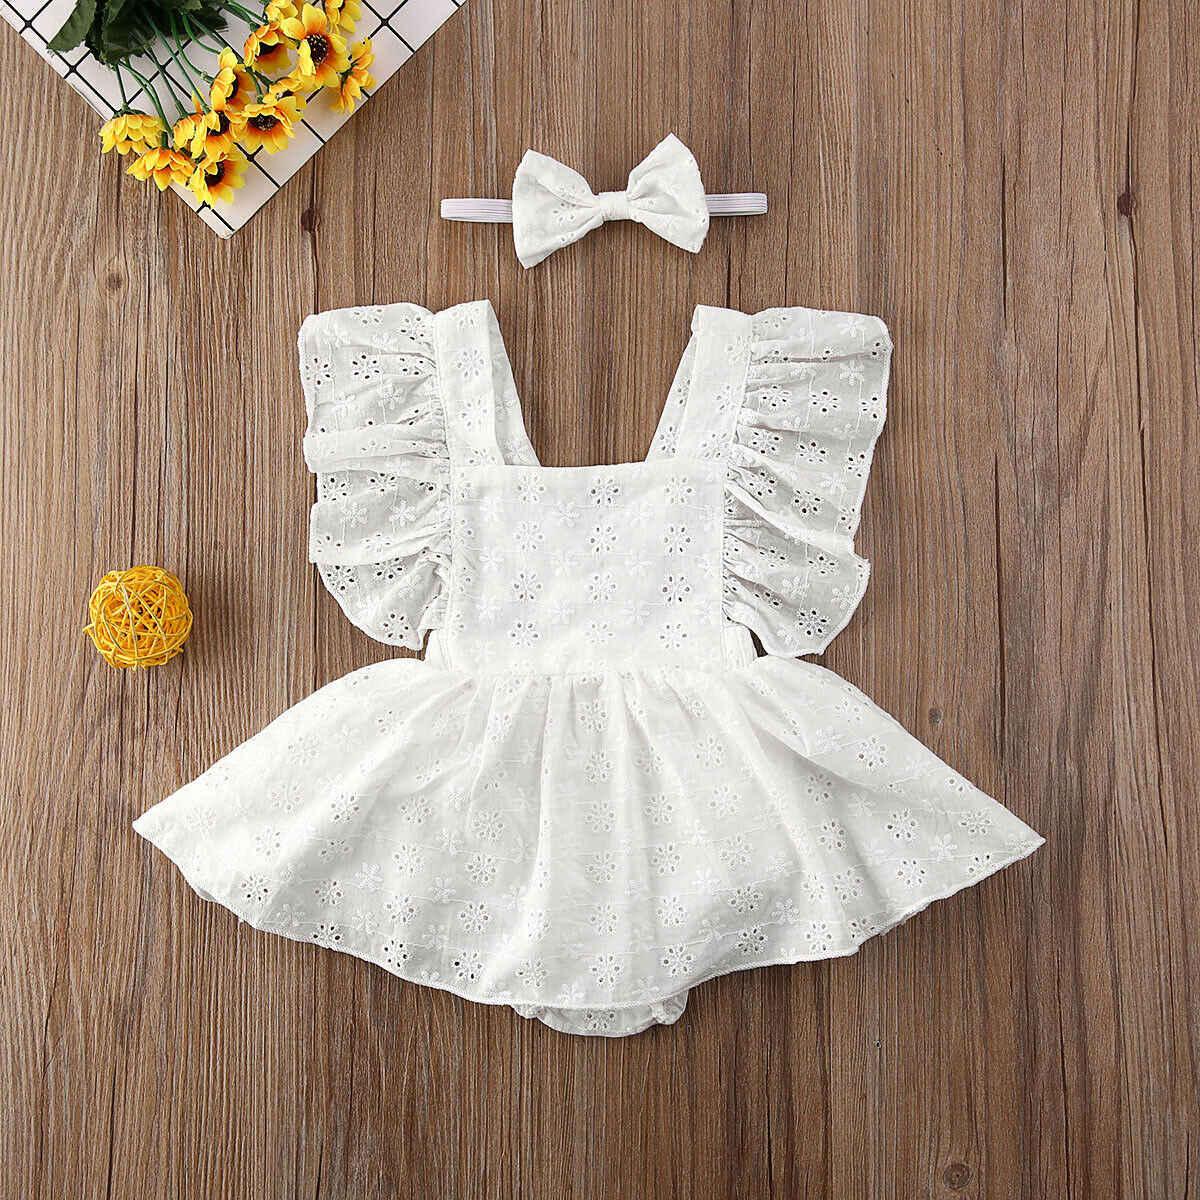 ทารกแรกเกิดทารกแรกเกิดหญิงเจ้าหญิงสั้นแขน Romper ชุดเสื้อผ้าชุด 2019 ฤดูร้อนสีขาวหญิง Mini Dress